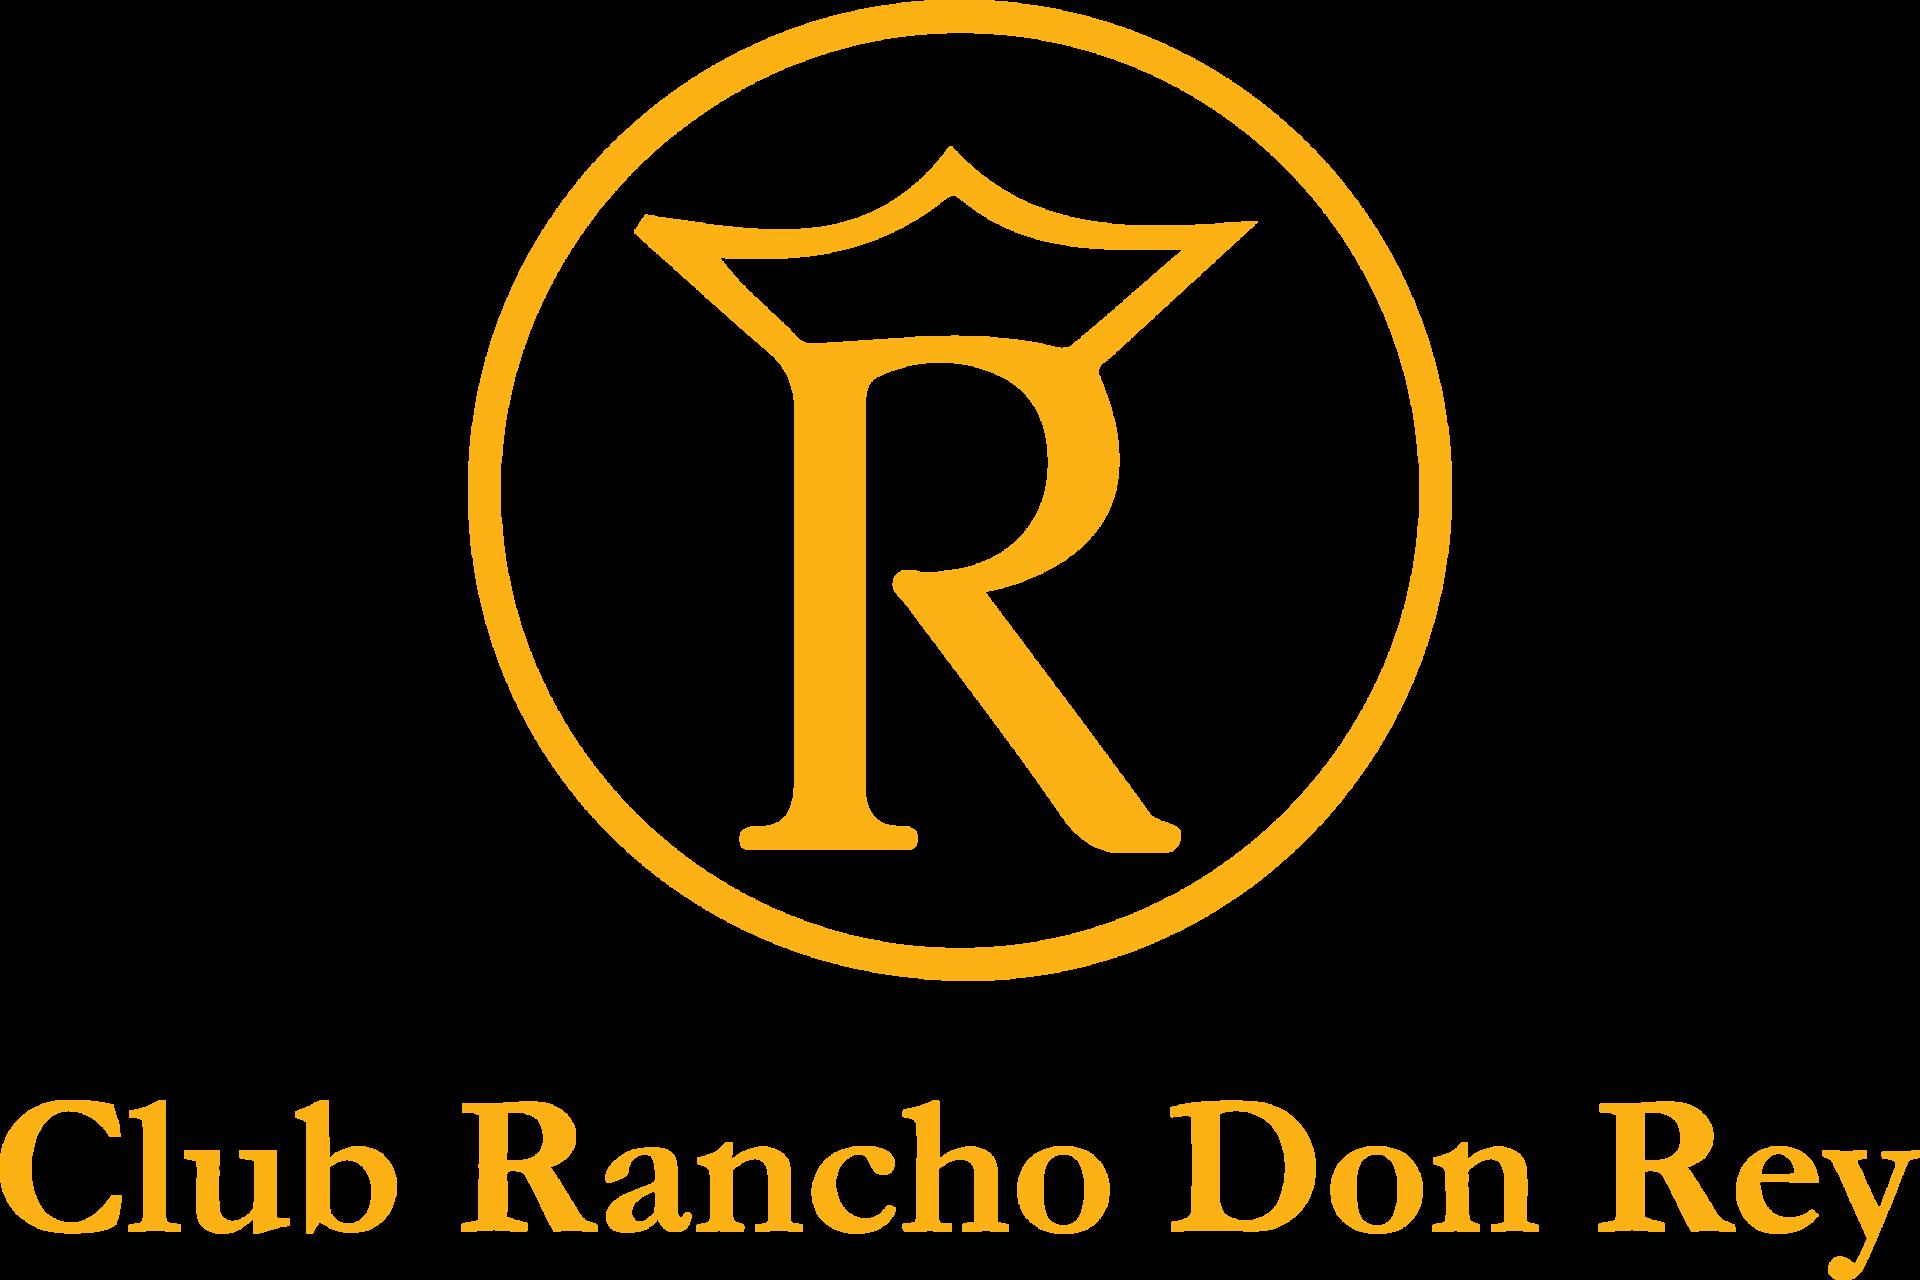 Rancho Don Rey